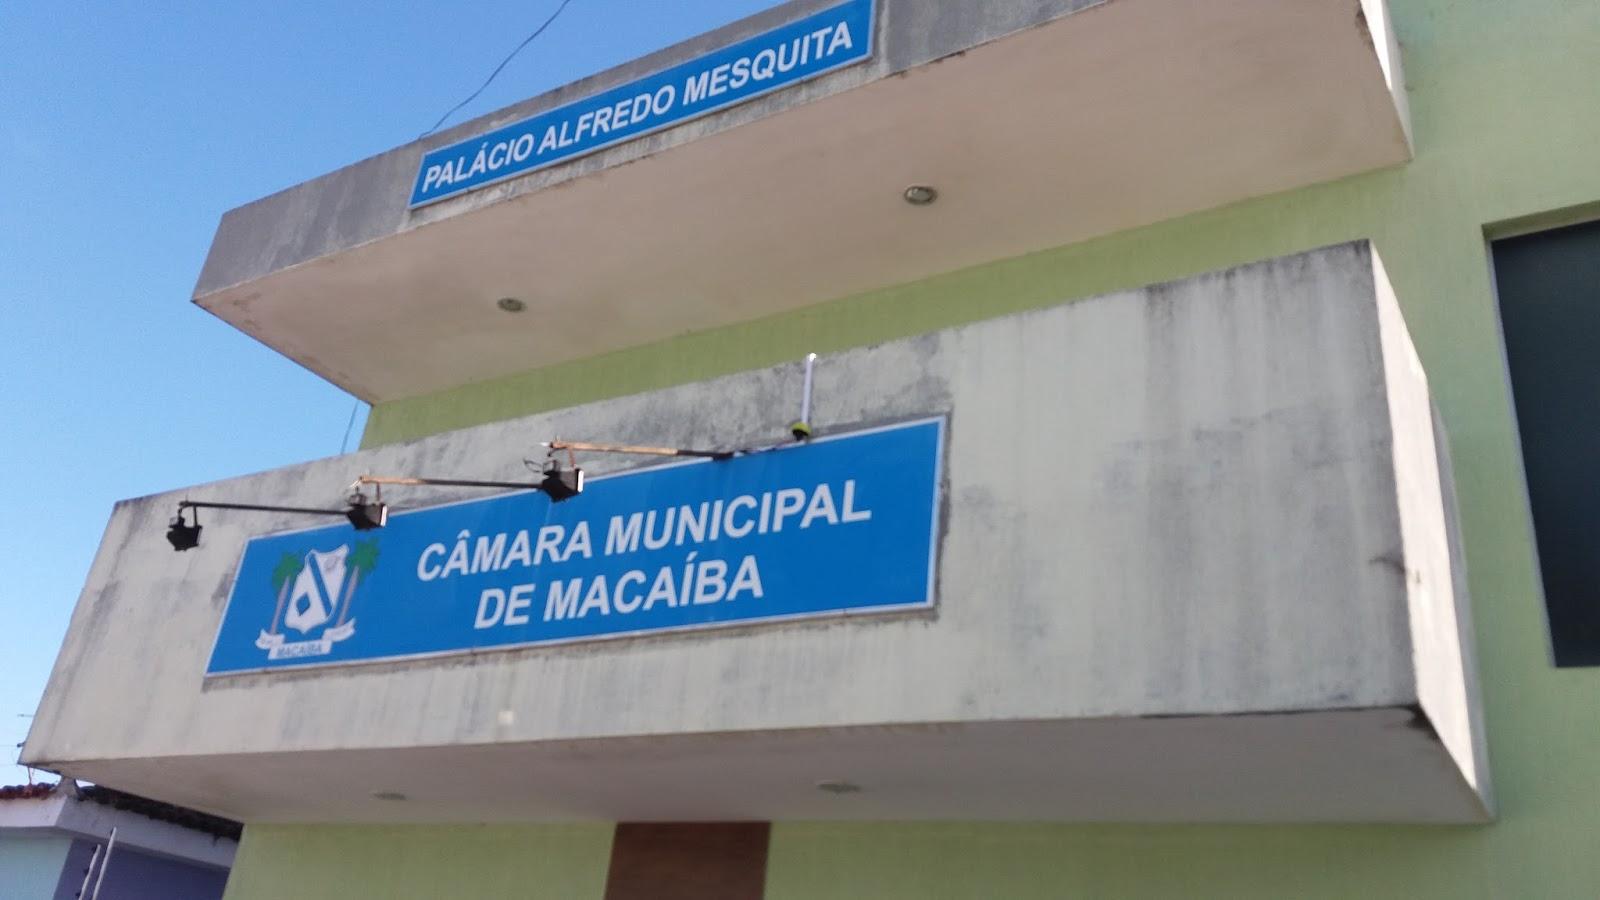 Diário de Macaíba: Câmara Municipal de Macaíba: A novela da transparência  que continua obscura...